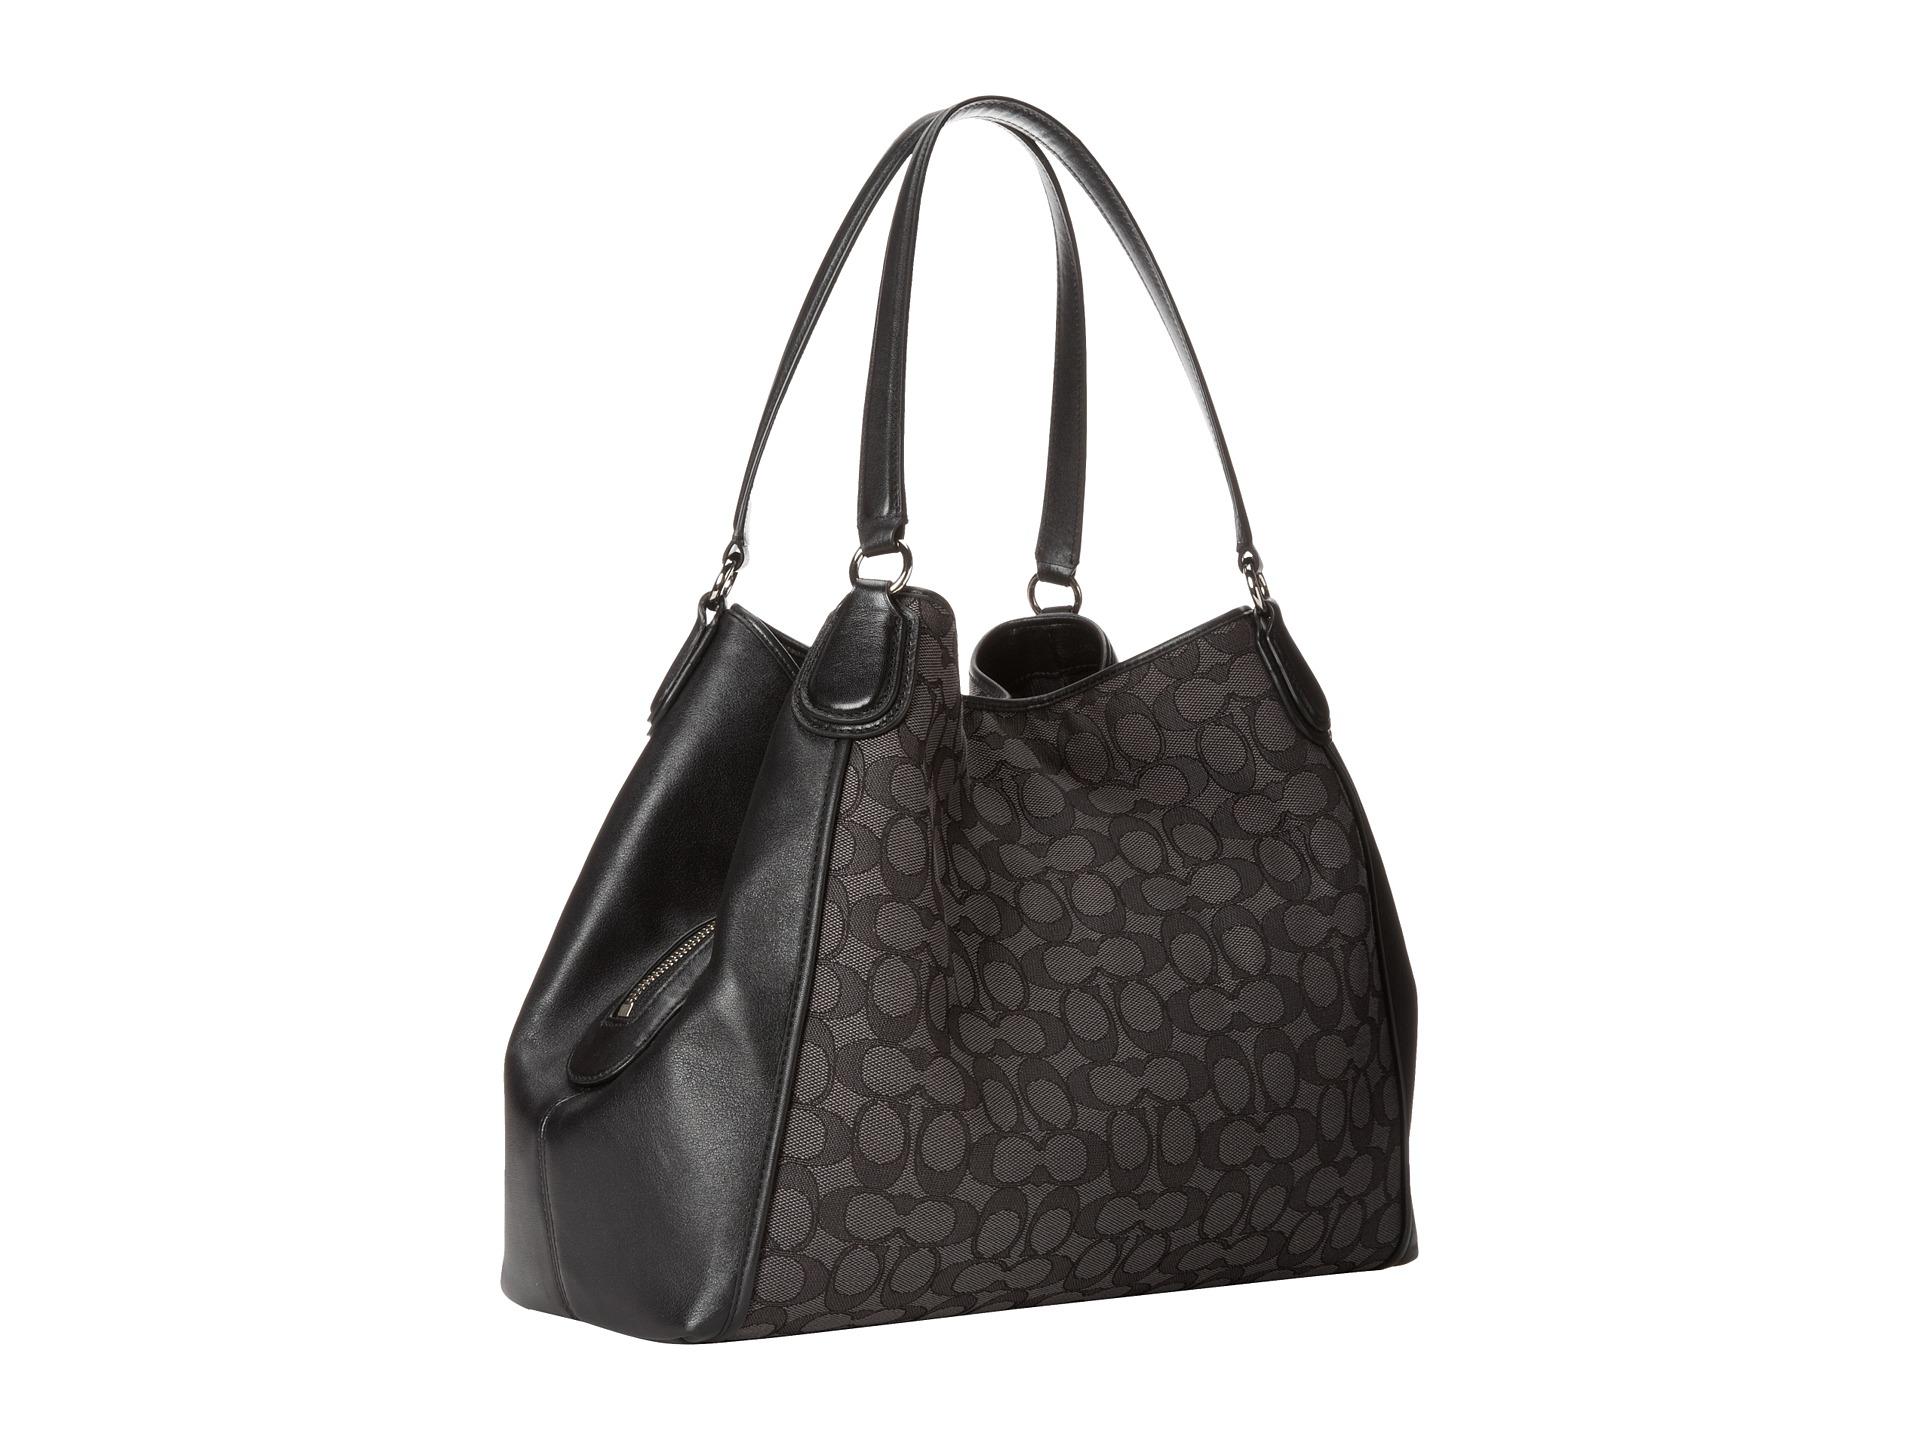 37103d2748 get grey coach shoulder bag 6084d 8c5af